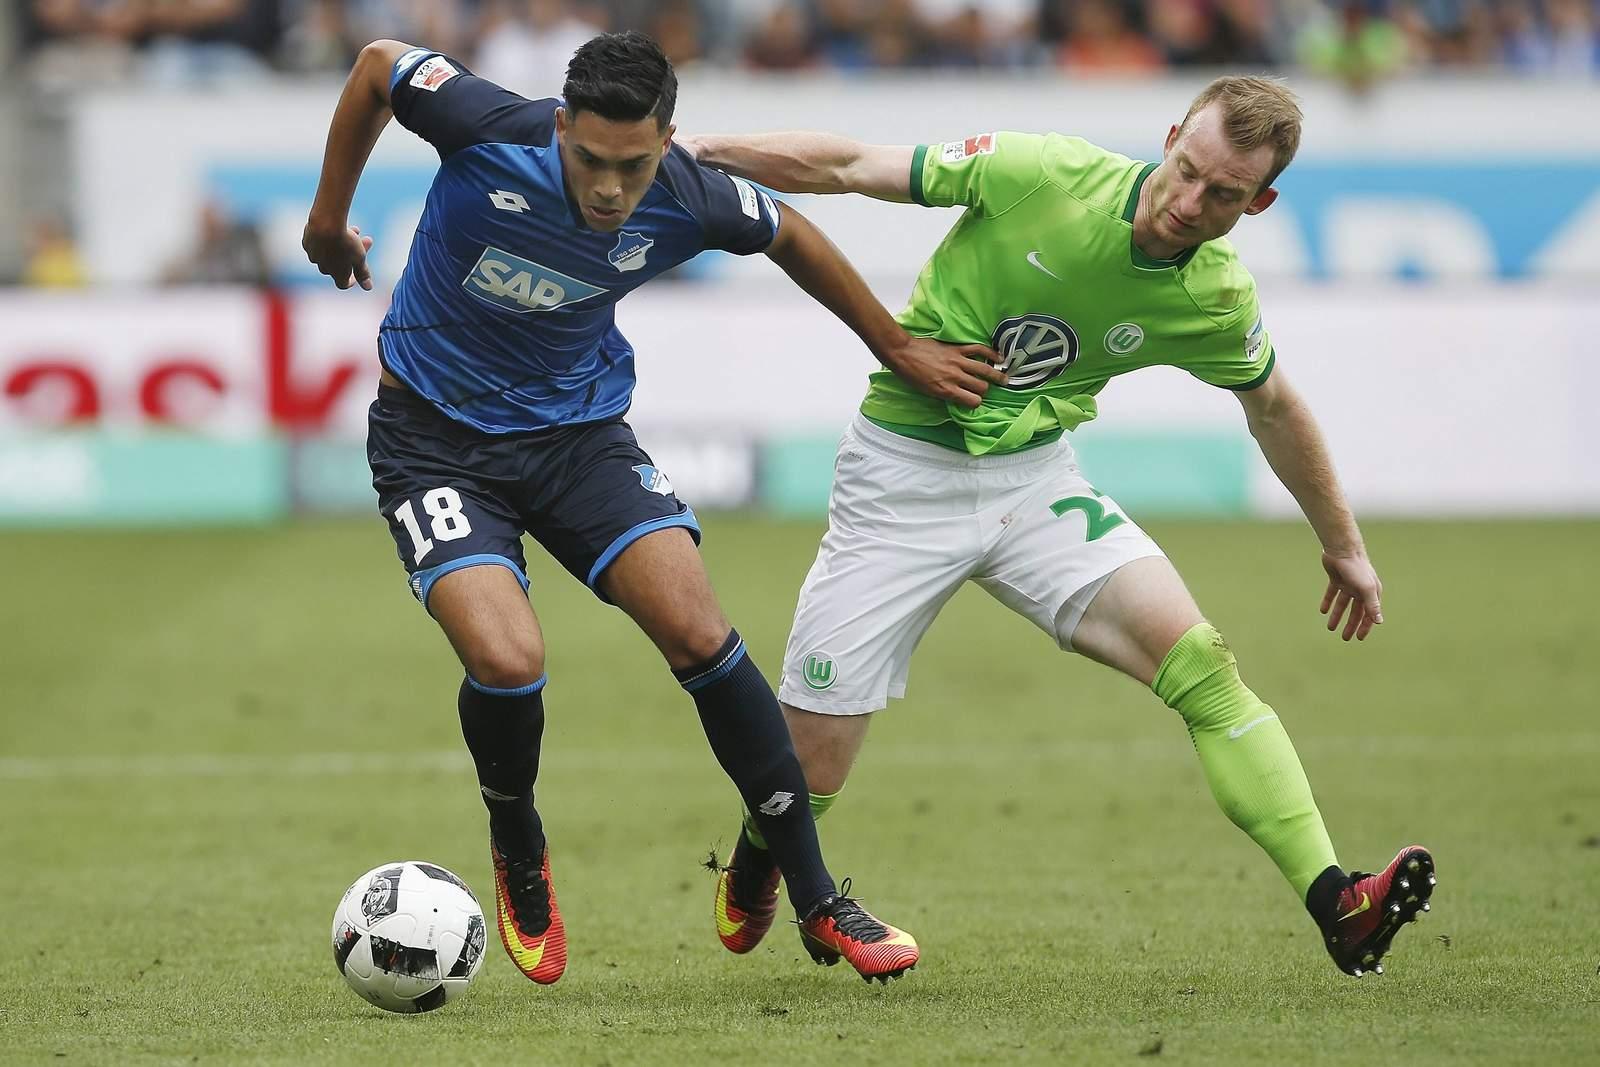 Nadiem Amiri im Zweikampf mit Maxi Arnold. Jetzt auf Wolfsburg gegen Hoffenheim wetten!